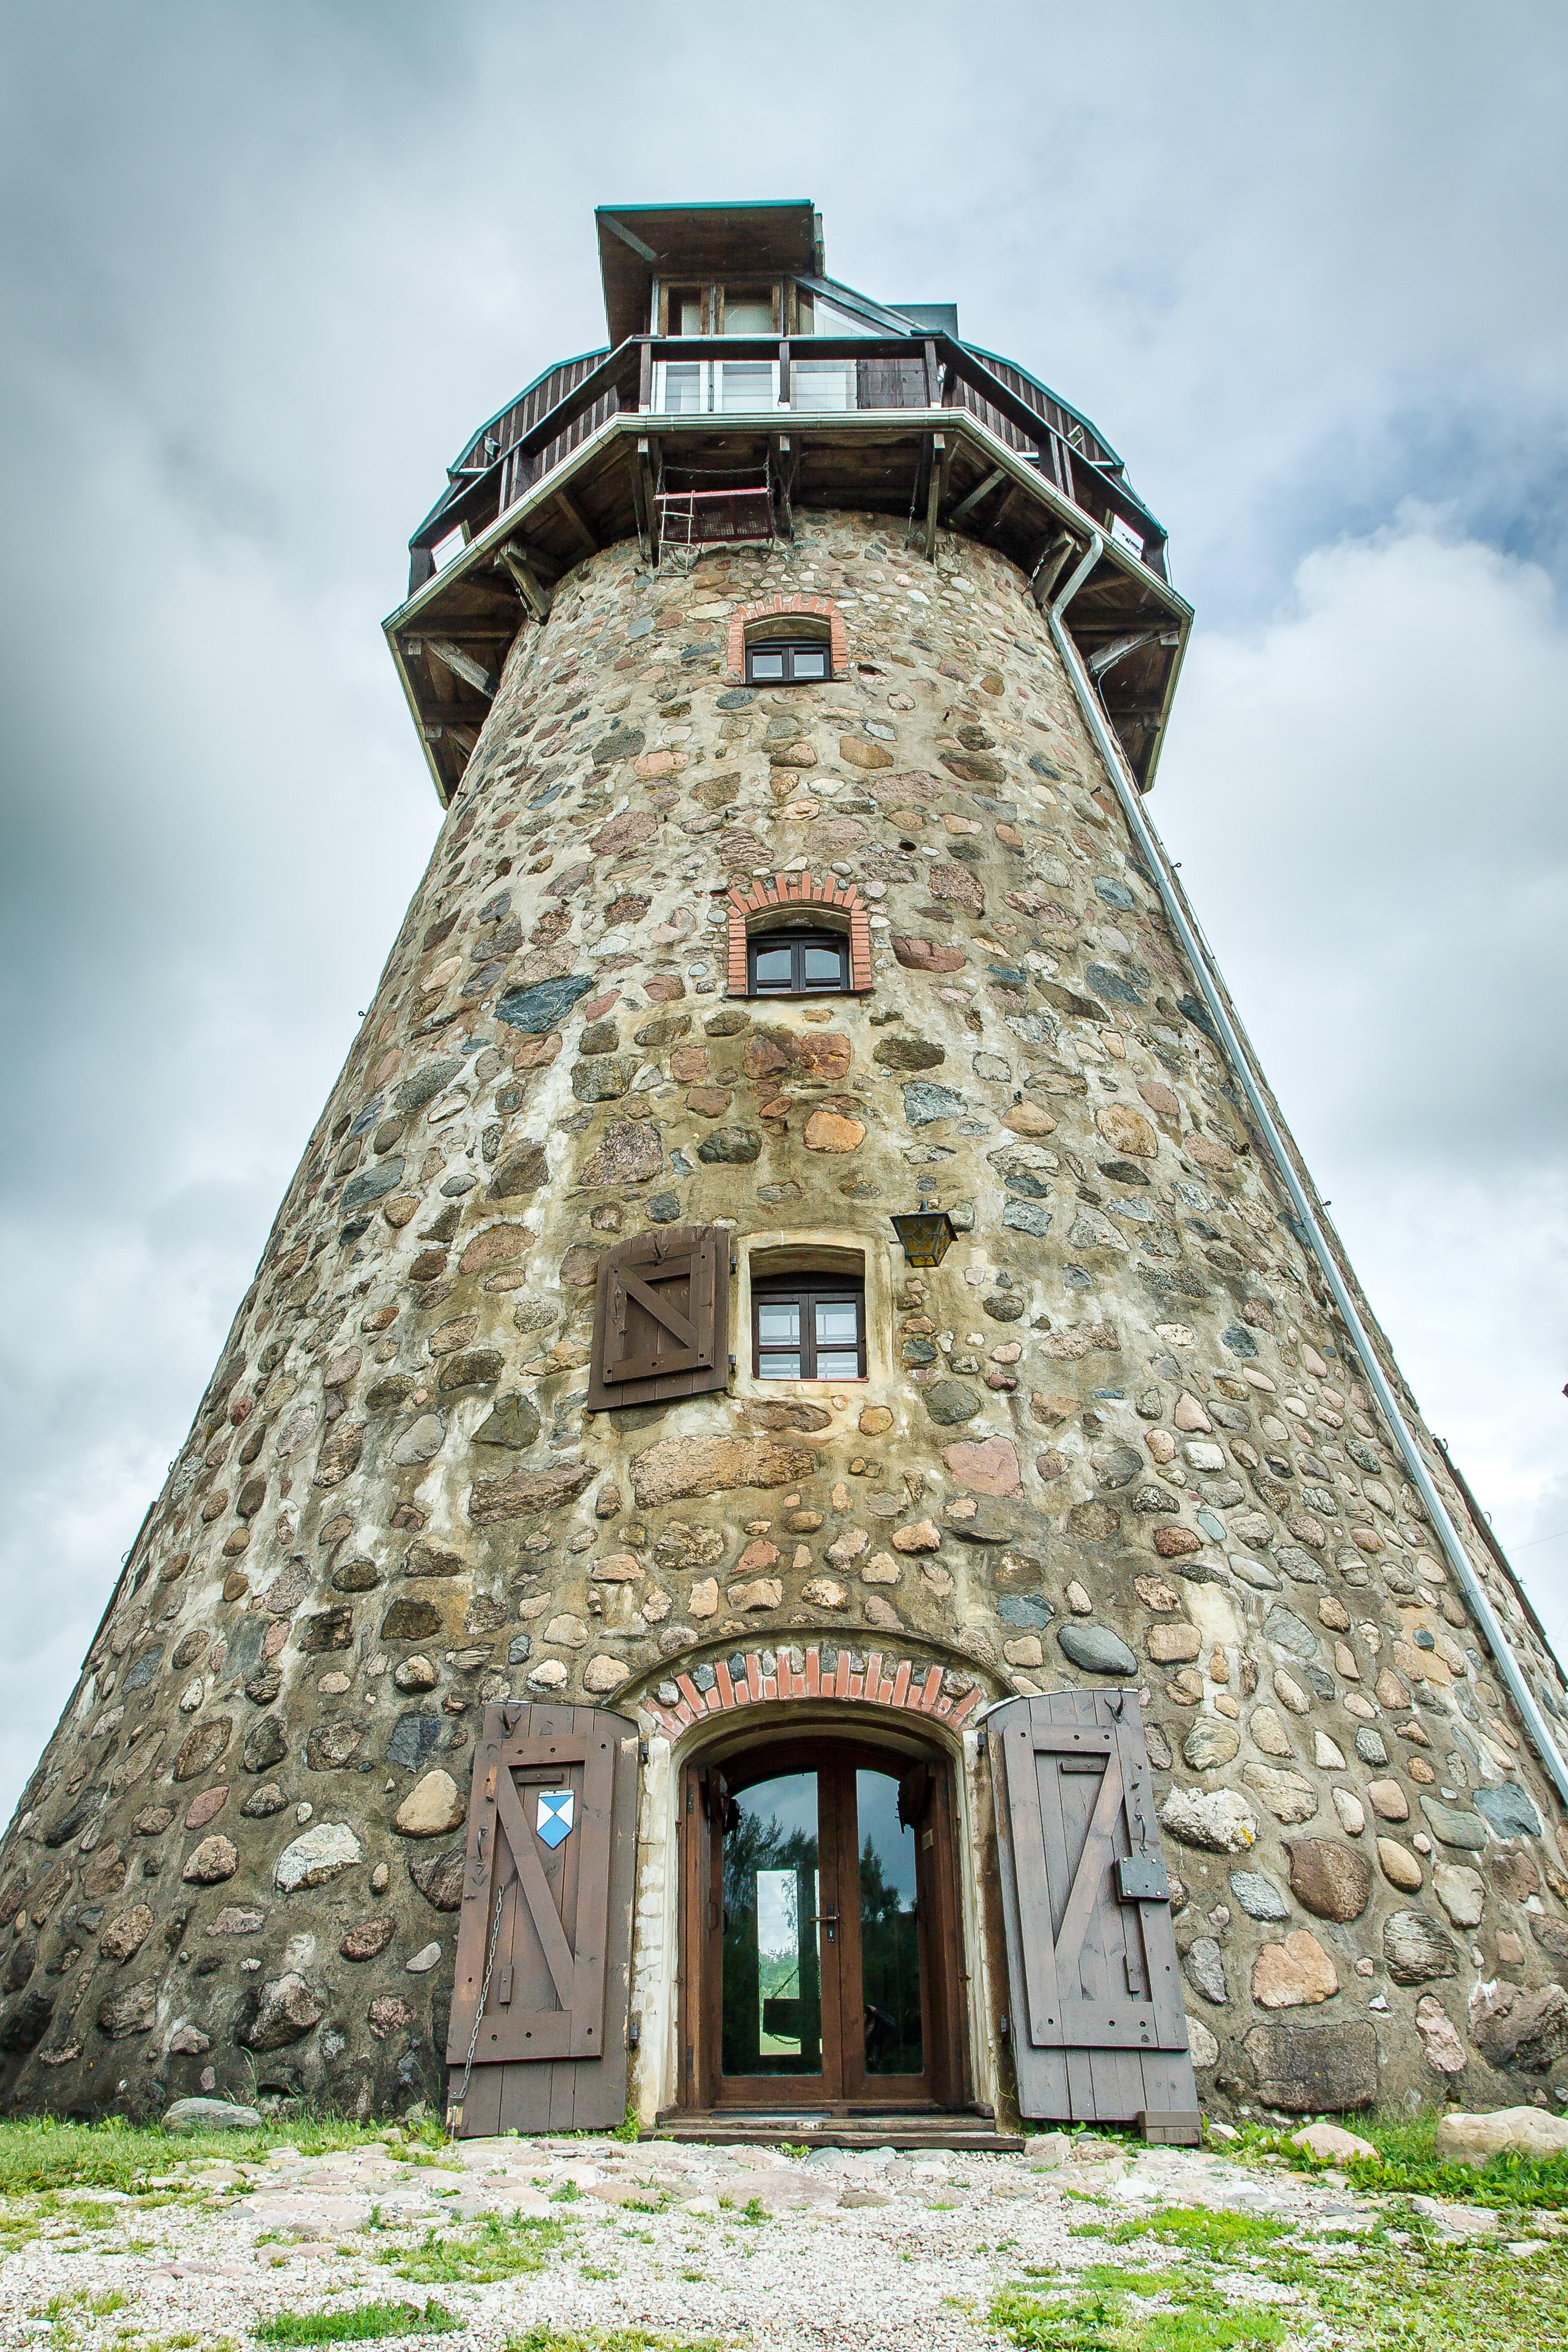 Valdgale windmill ©Kurzeme planning region, Ivars Salmanis